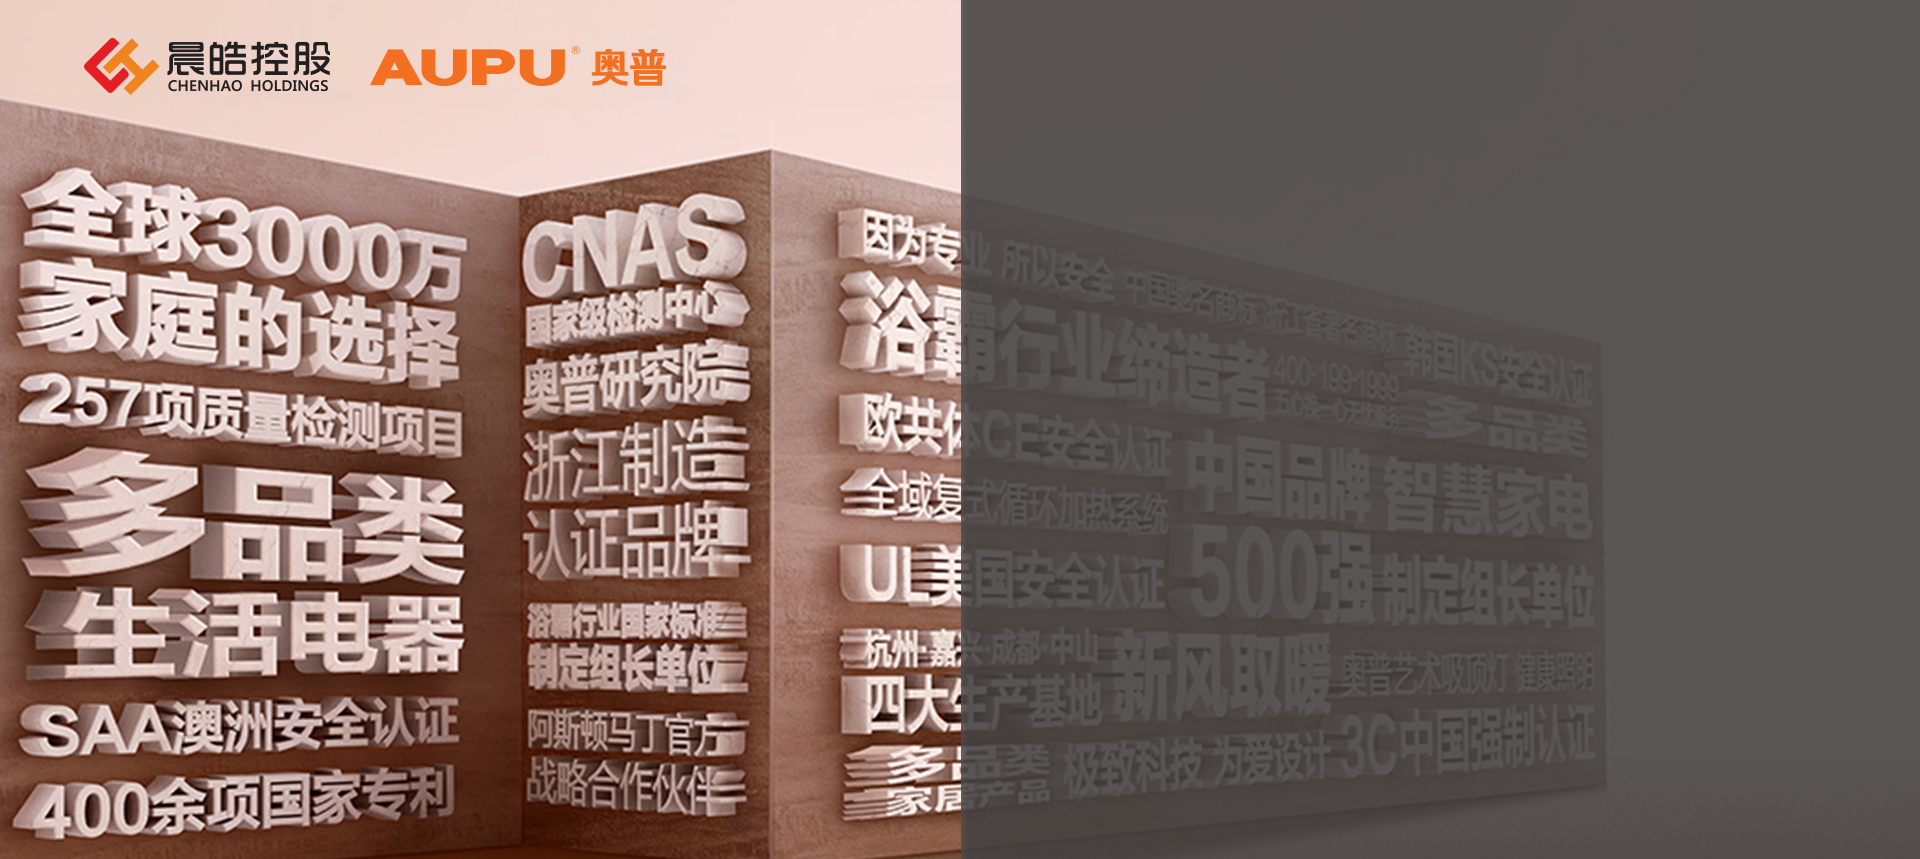 1920-859晨皓控股奥普网站首页图-4